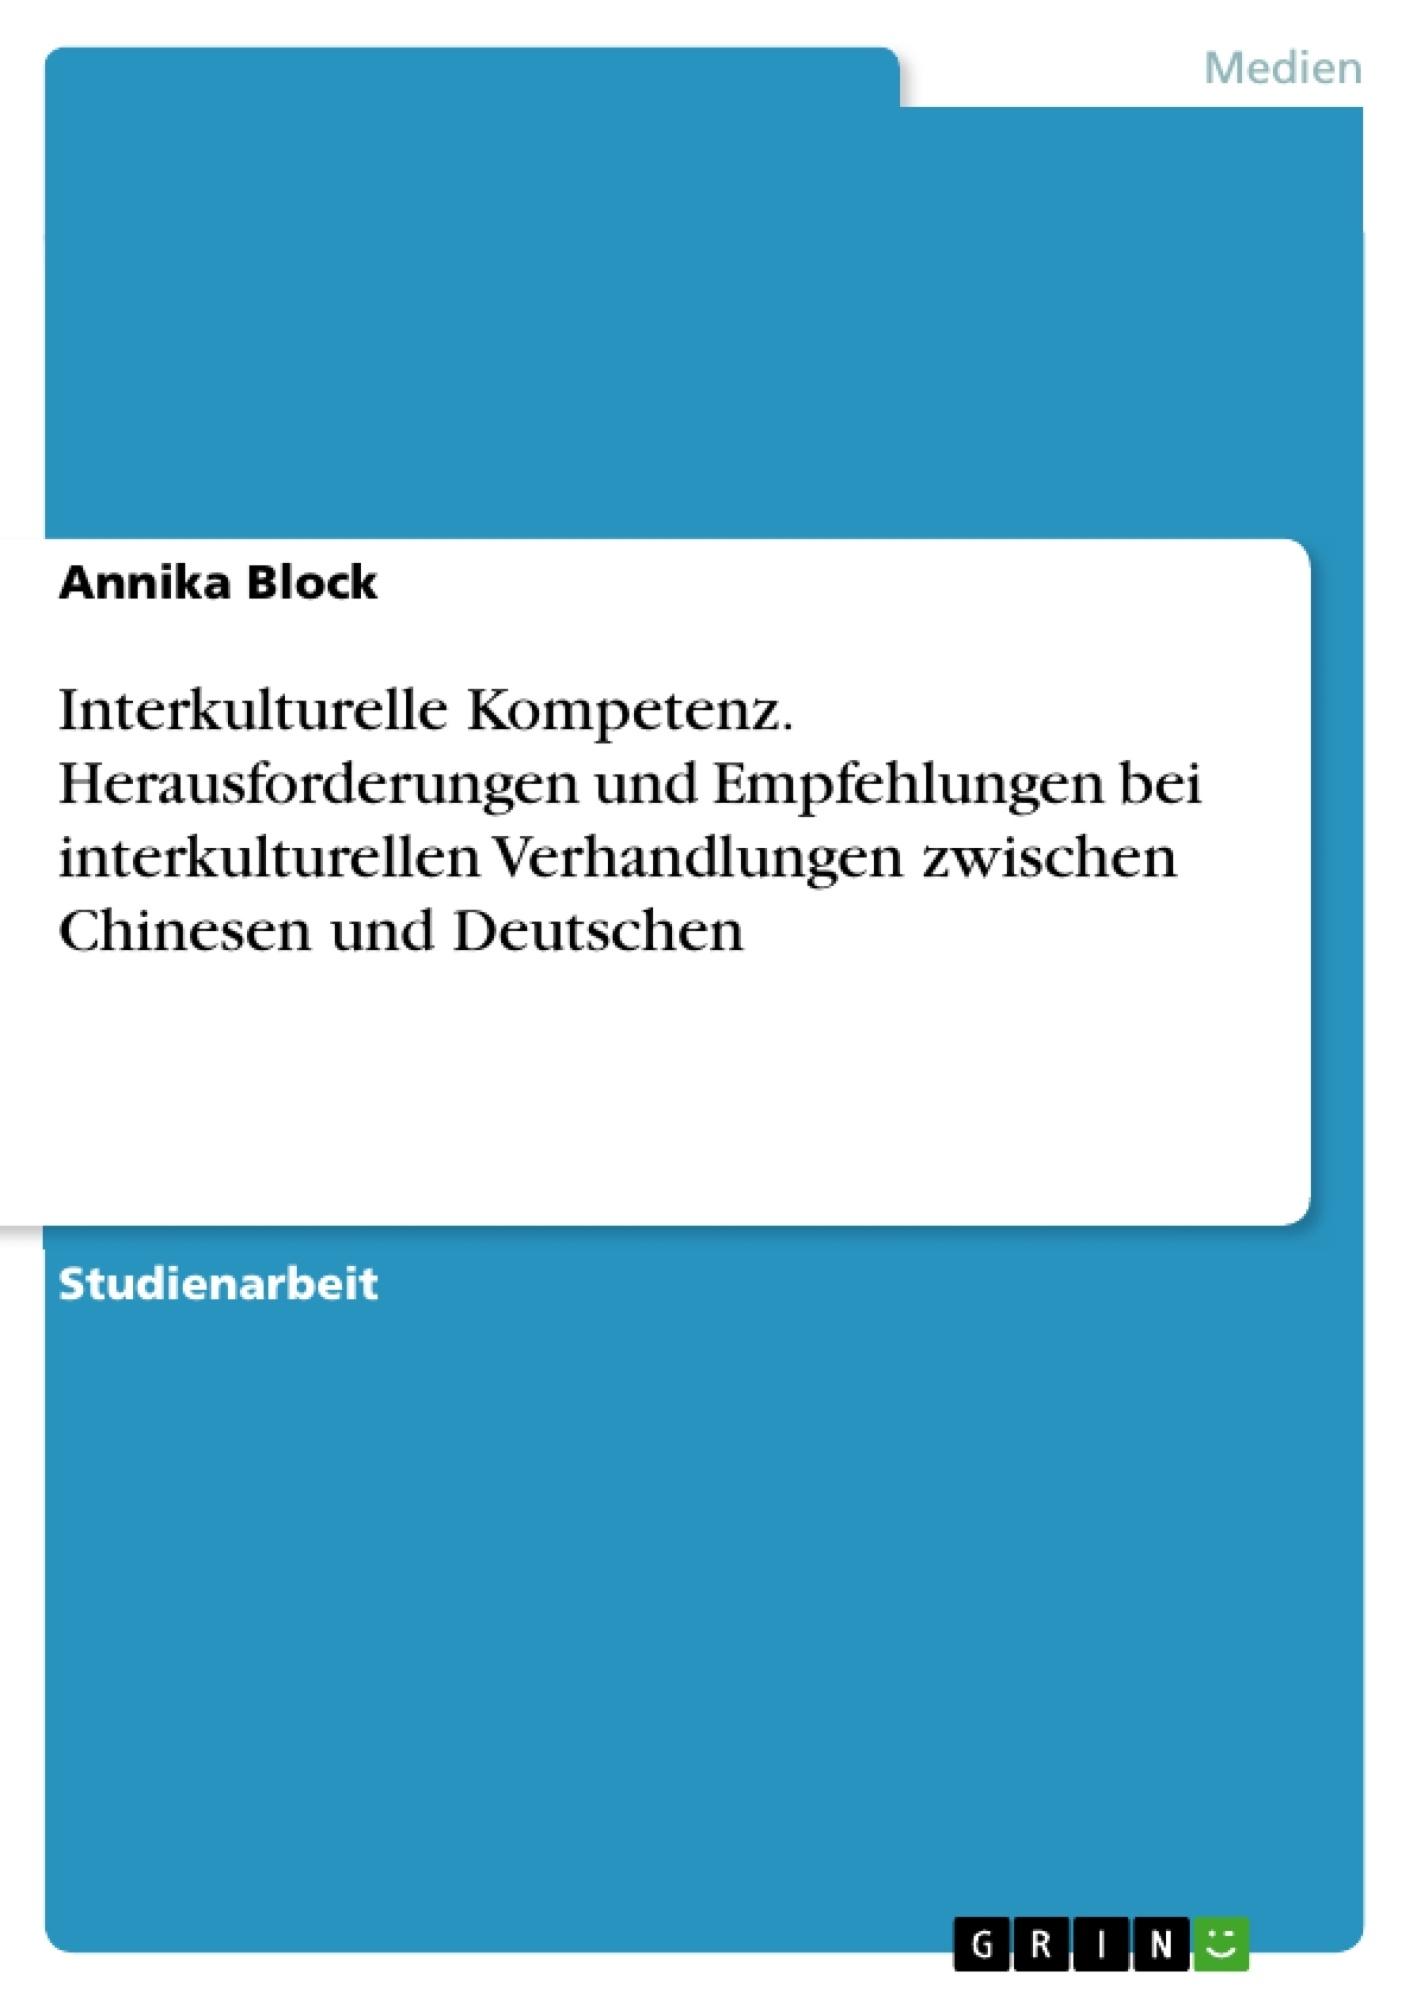 Titel: Interkulturelle Kompetenz. Herausforderungen und Empfehlungen bei interkulturellen Verhandlungen zwischen Chinesen und Deutschen